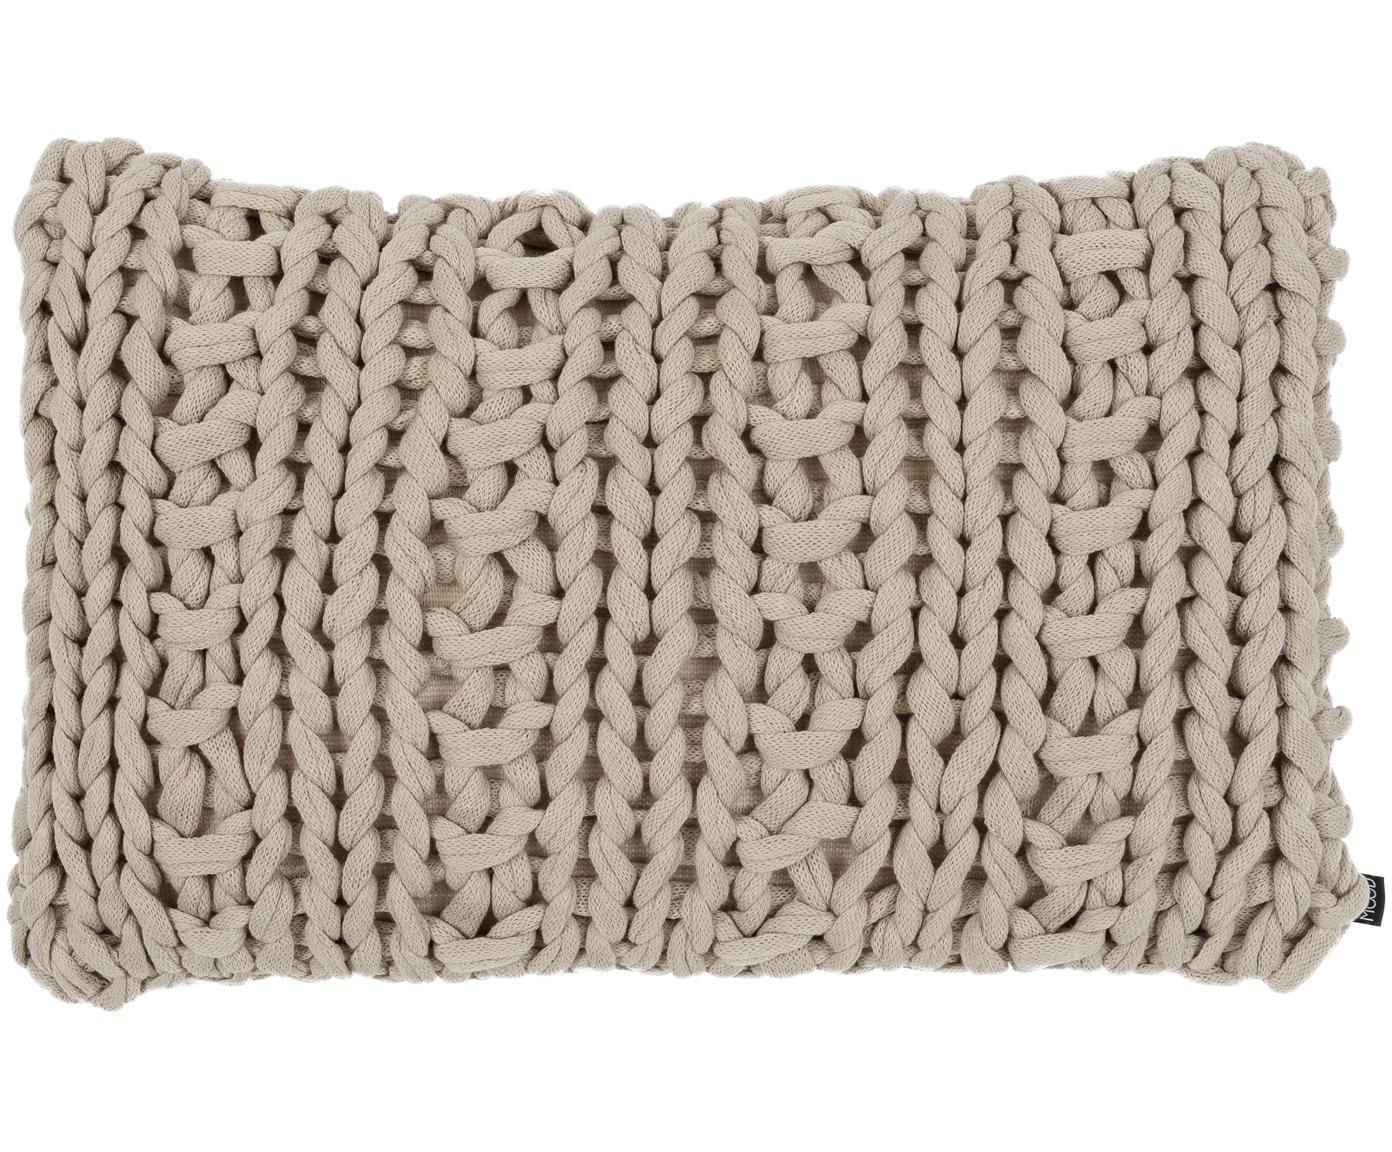 Cuscino fatto a maglia con imbottitura Chunky, Beige, Larg. 40 x Lung. 60 cm